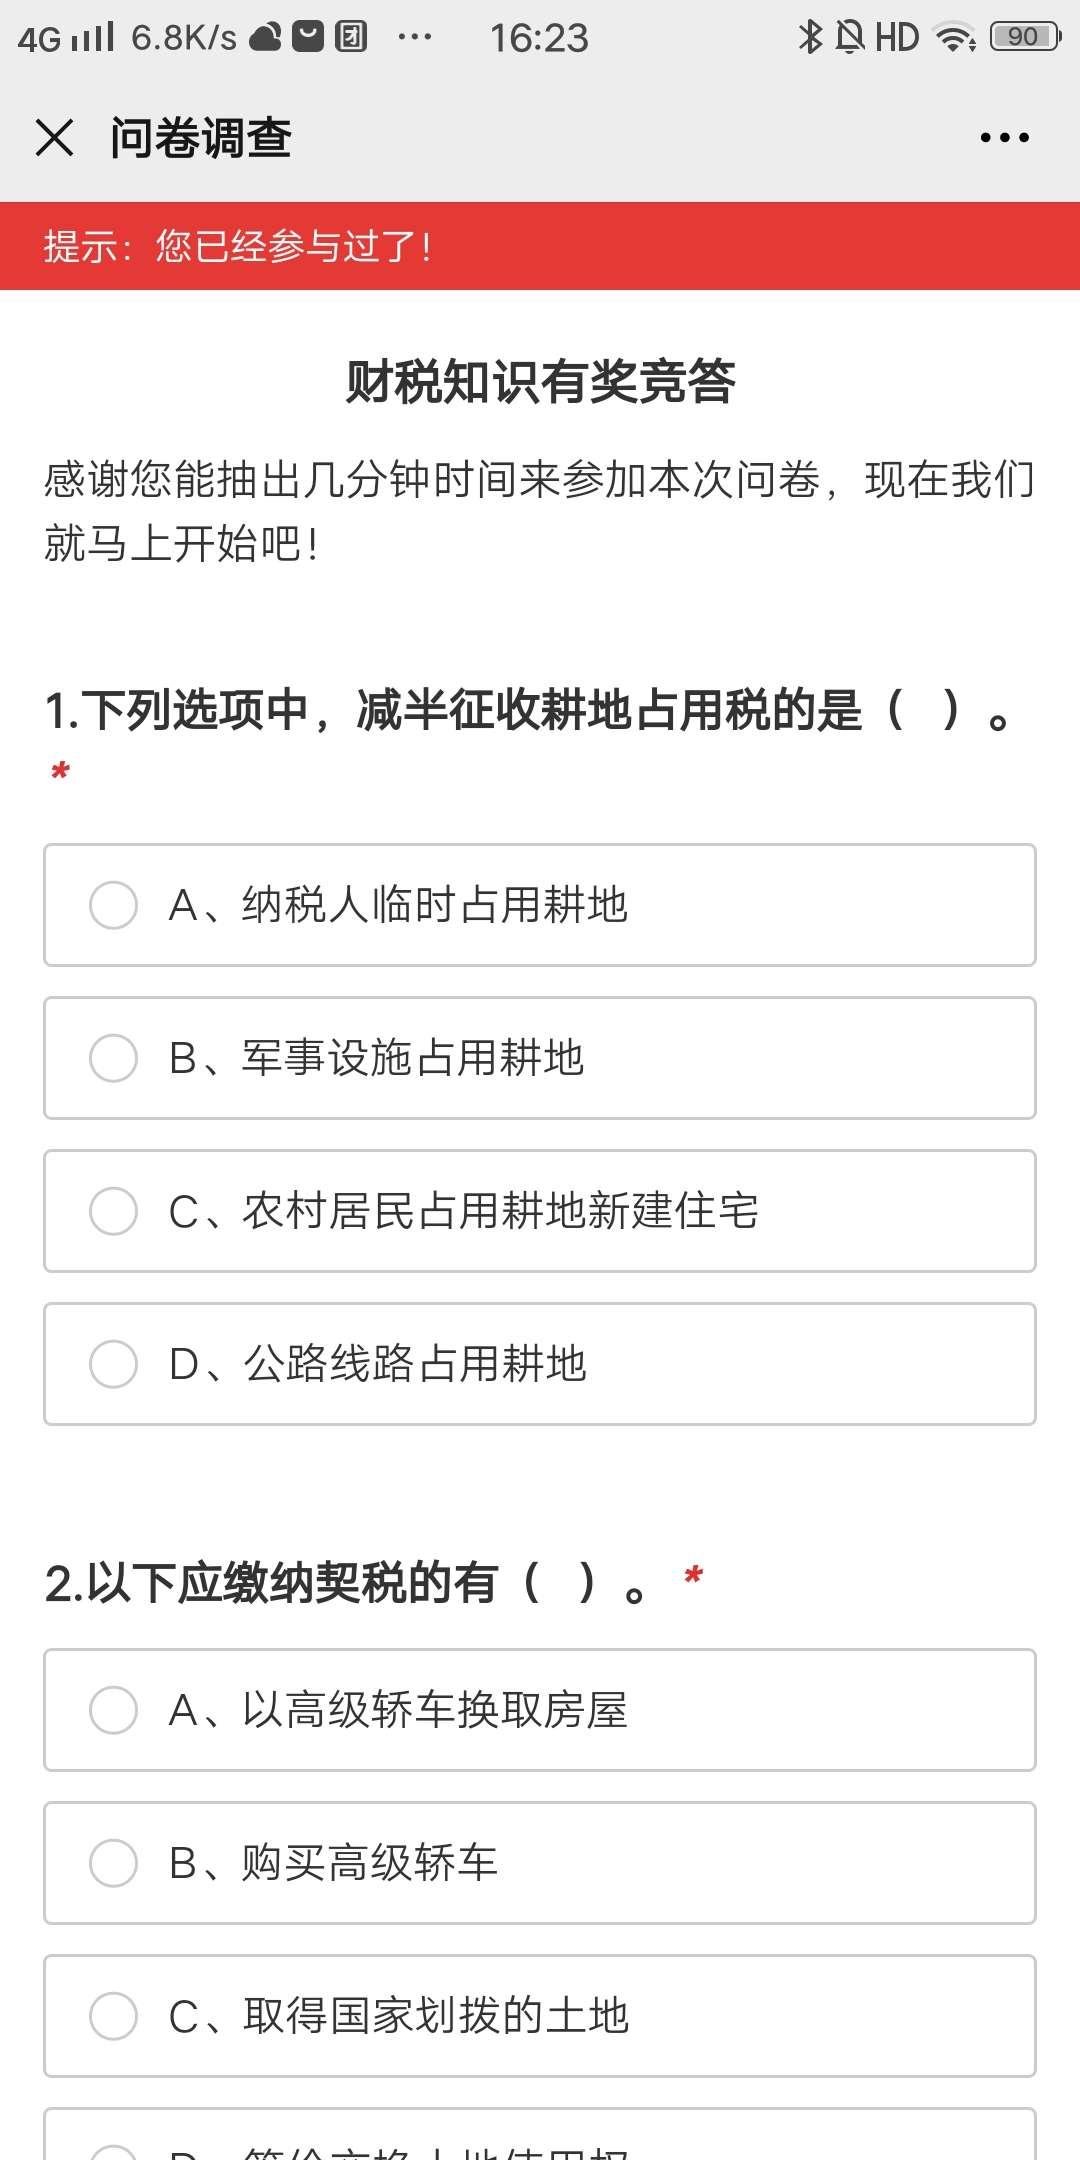 图片[1]-江苏省私了个协会答题抽红包-老友薅羊毛活动线报网